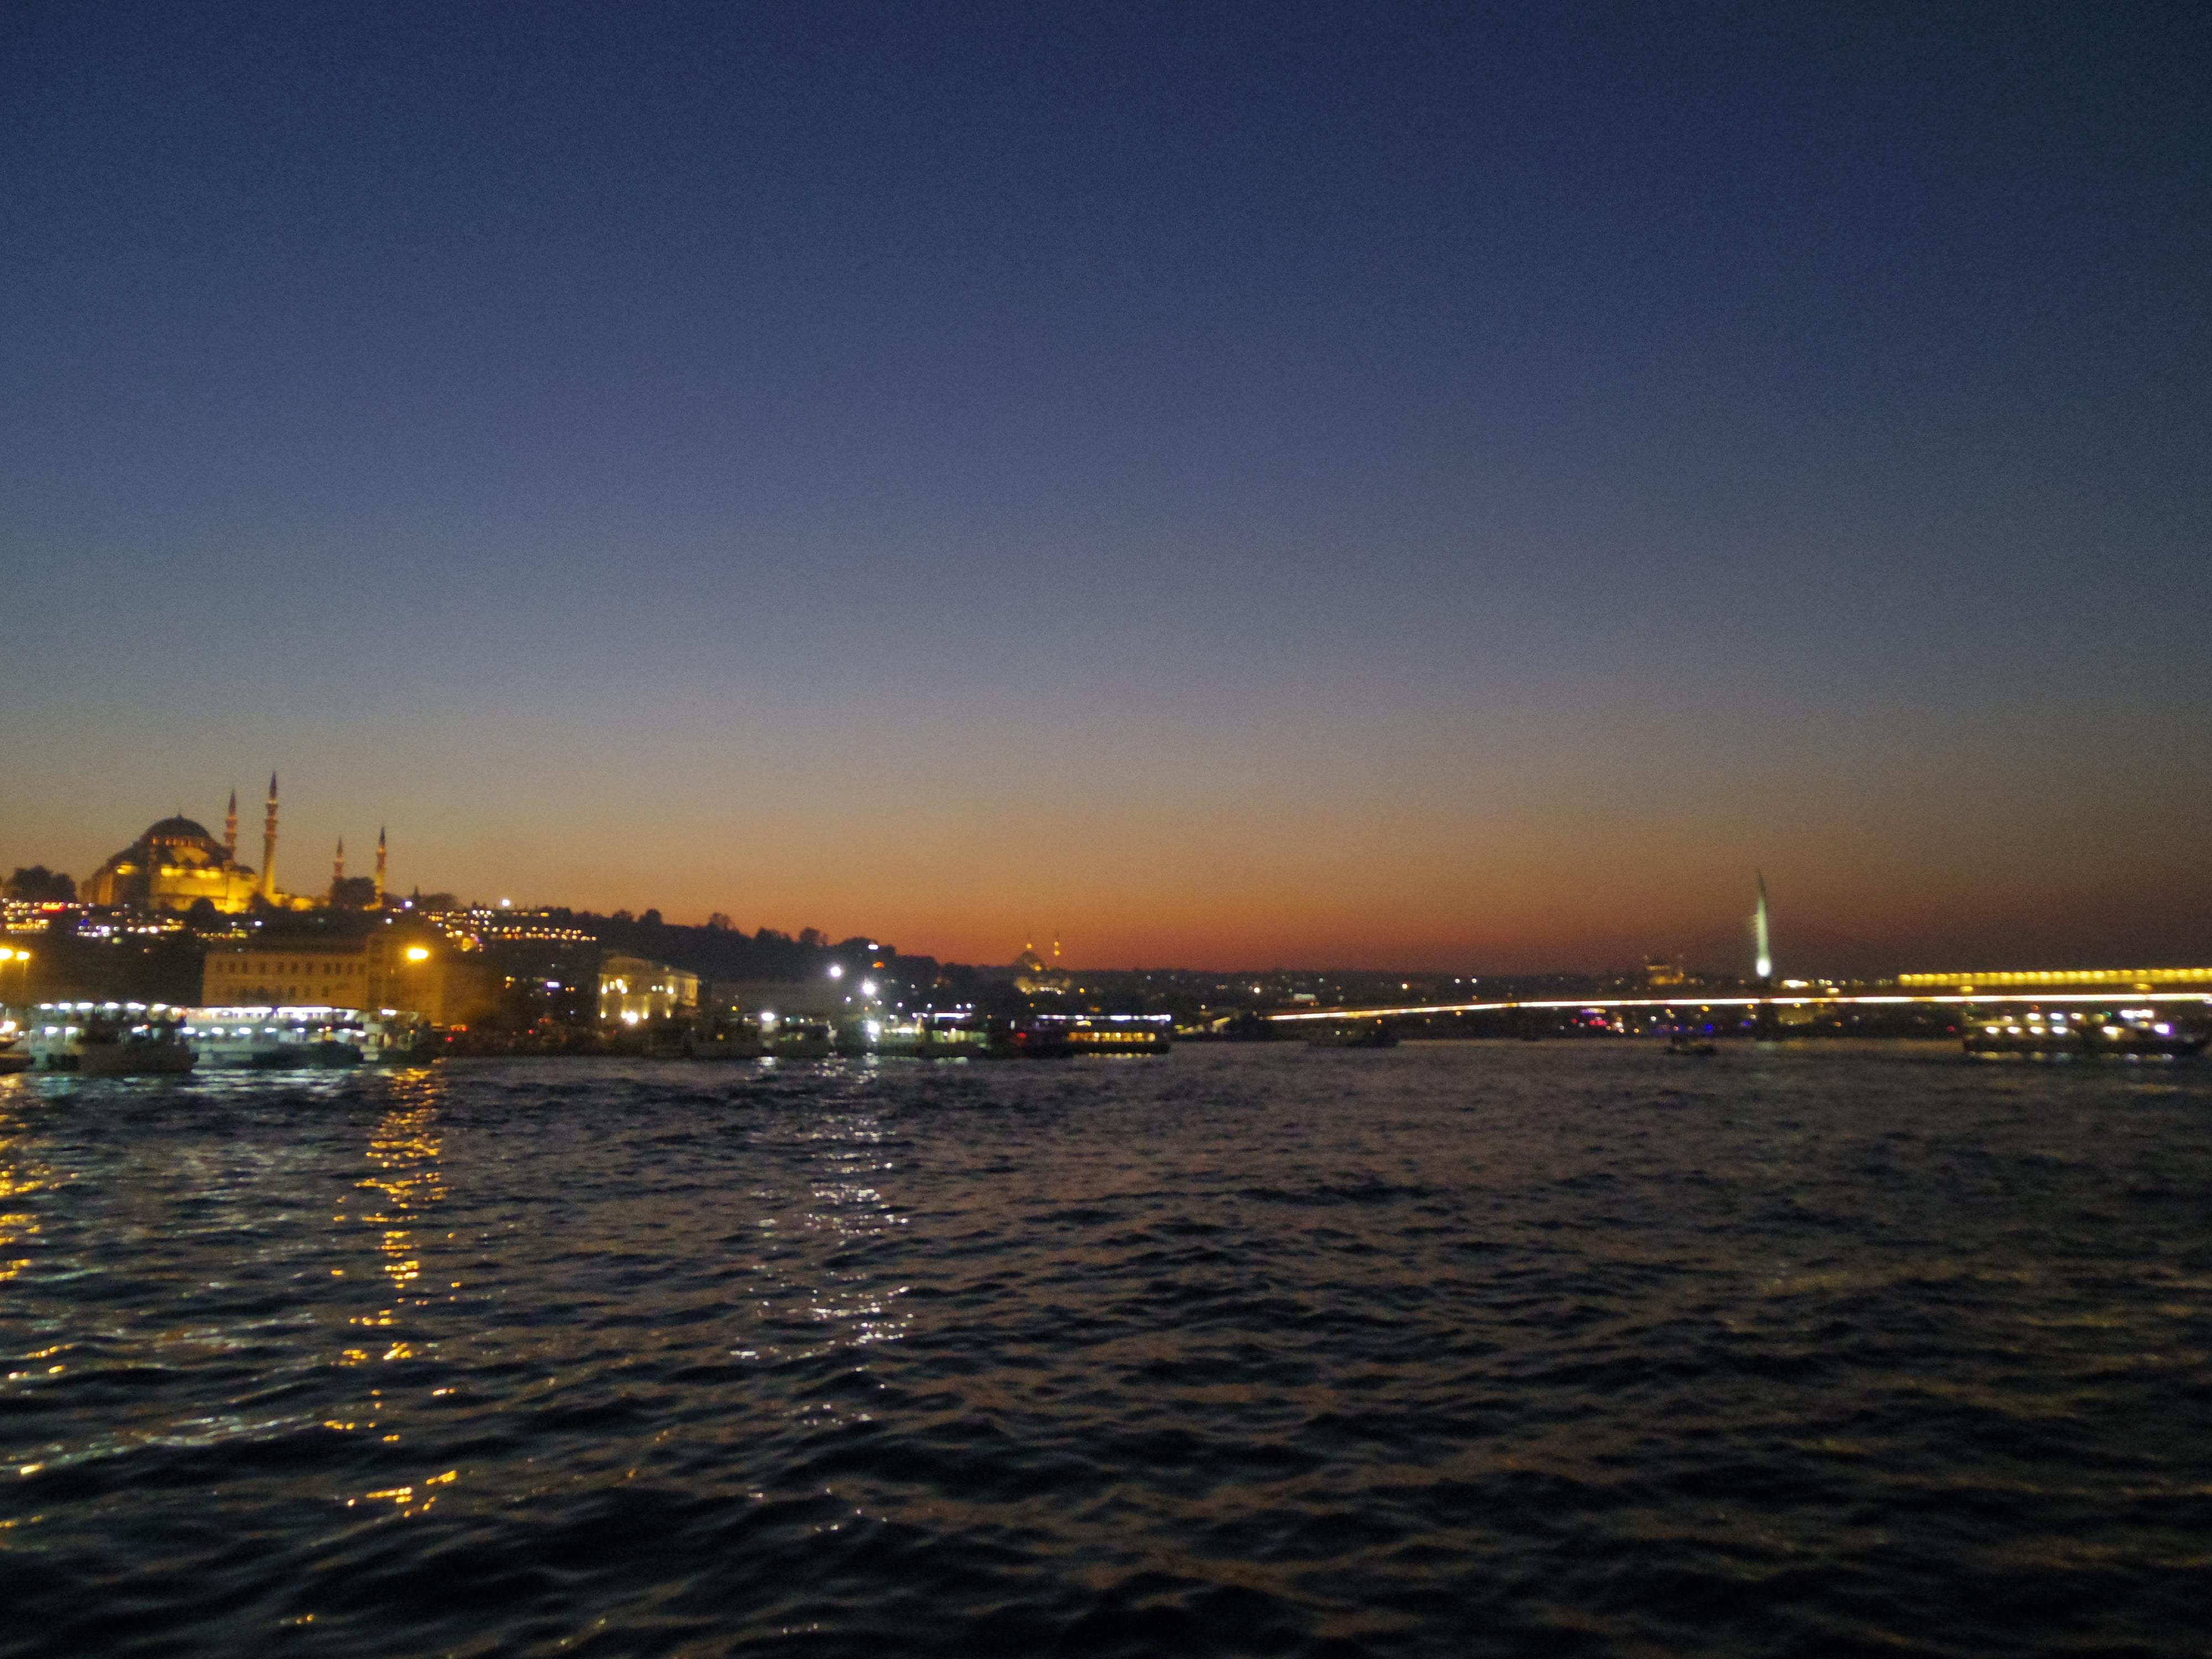 イスタンブールのグランドバザール散策。ガラタ橋でラクを飲む。